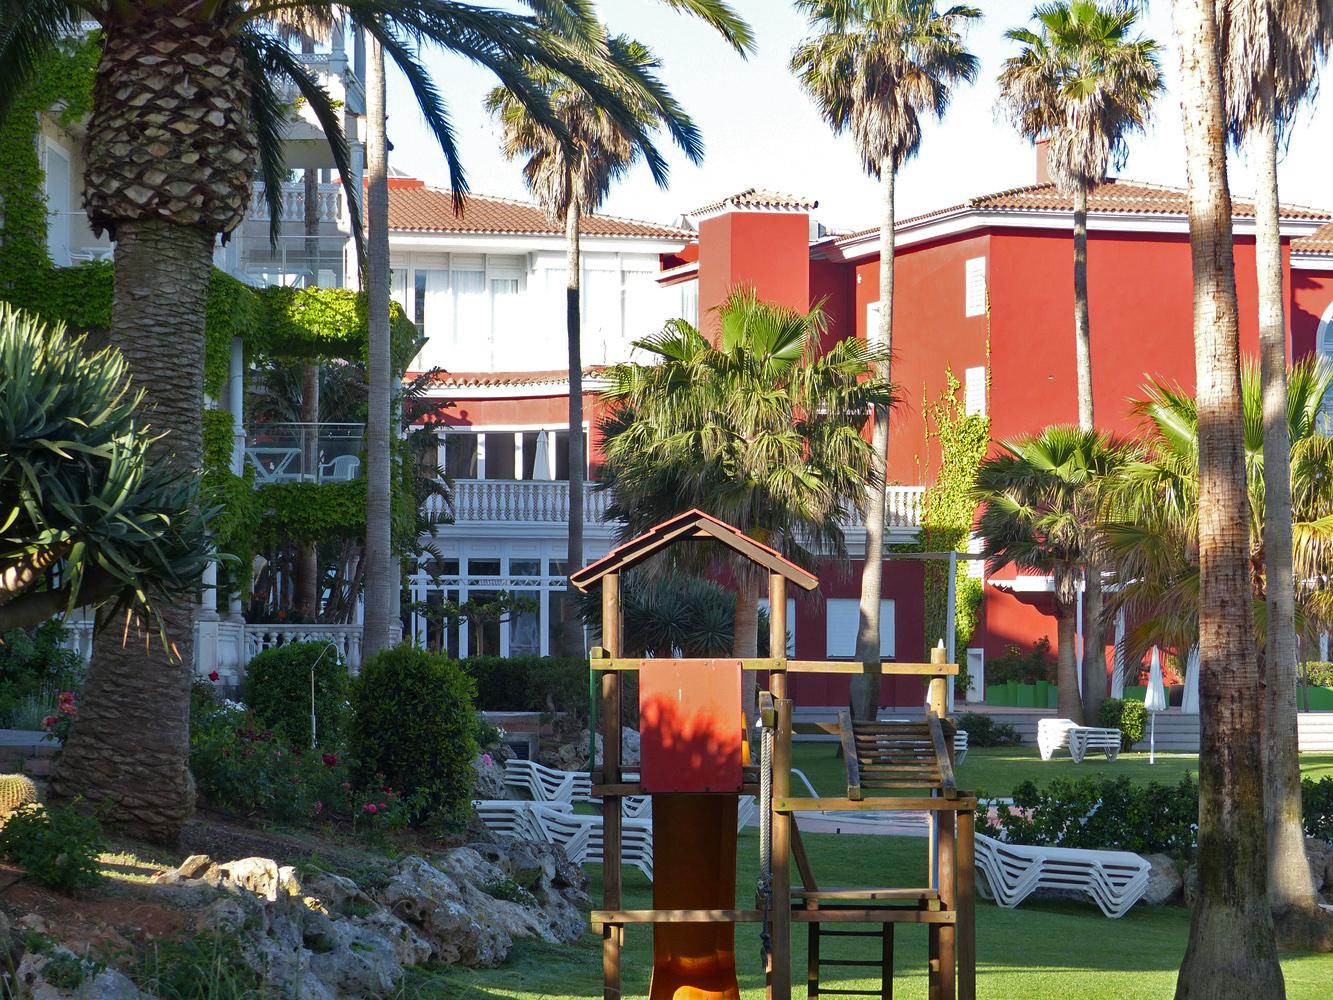 Son bou jardin de menorca hotel 20170513 073038 16 rolf maltas website - Jardin de menorca ...